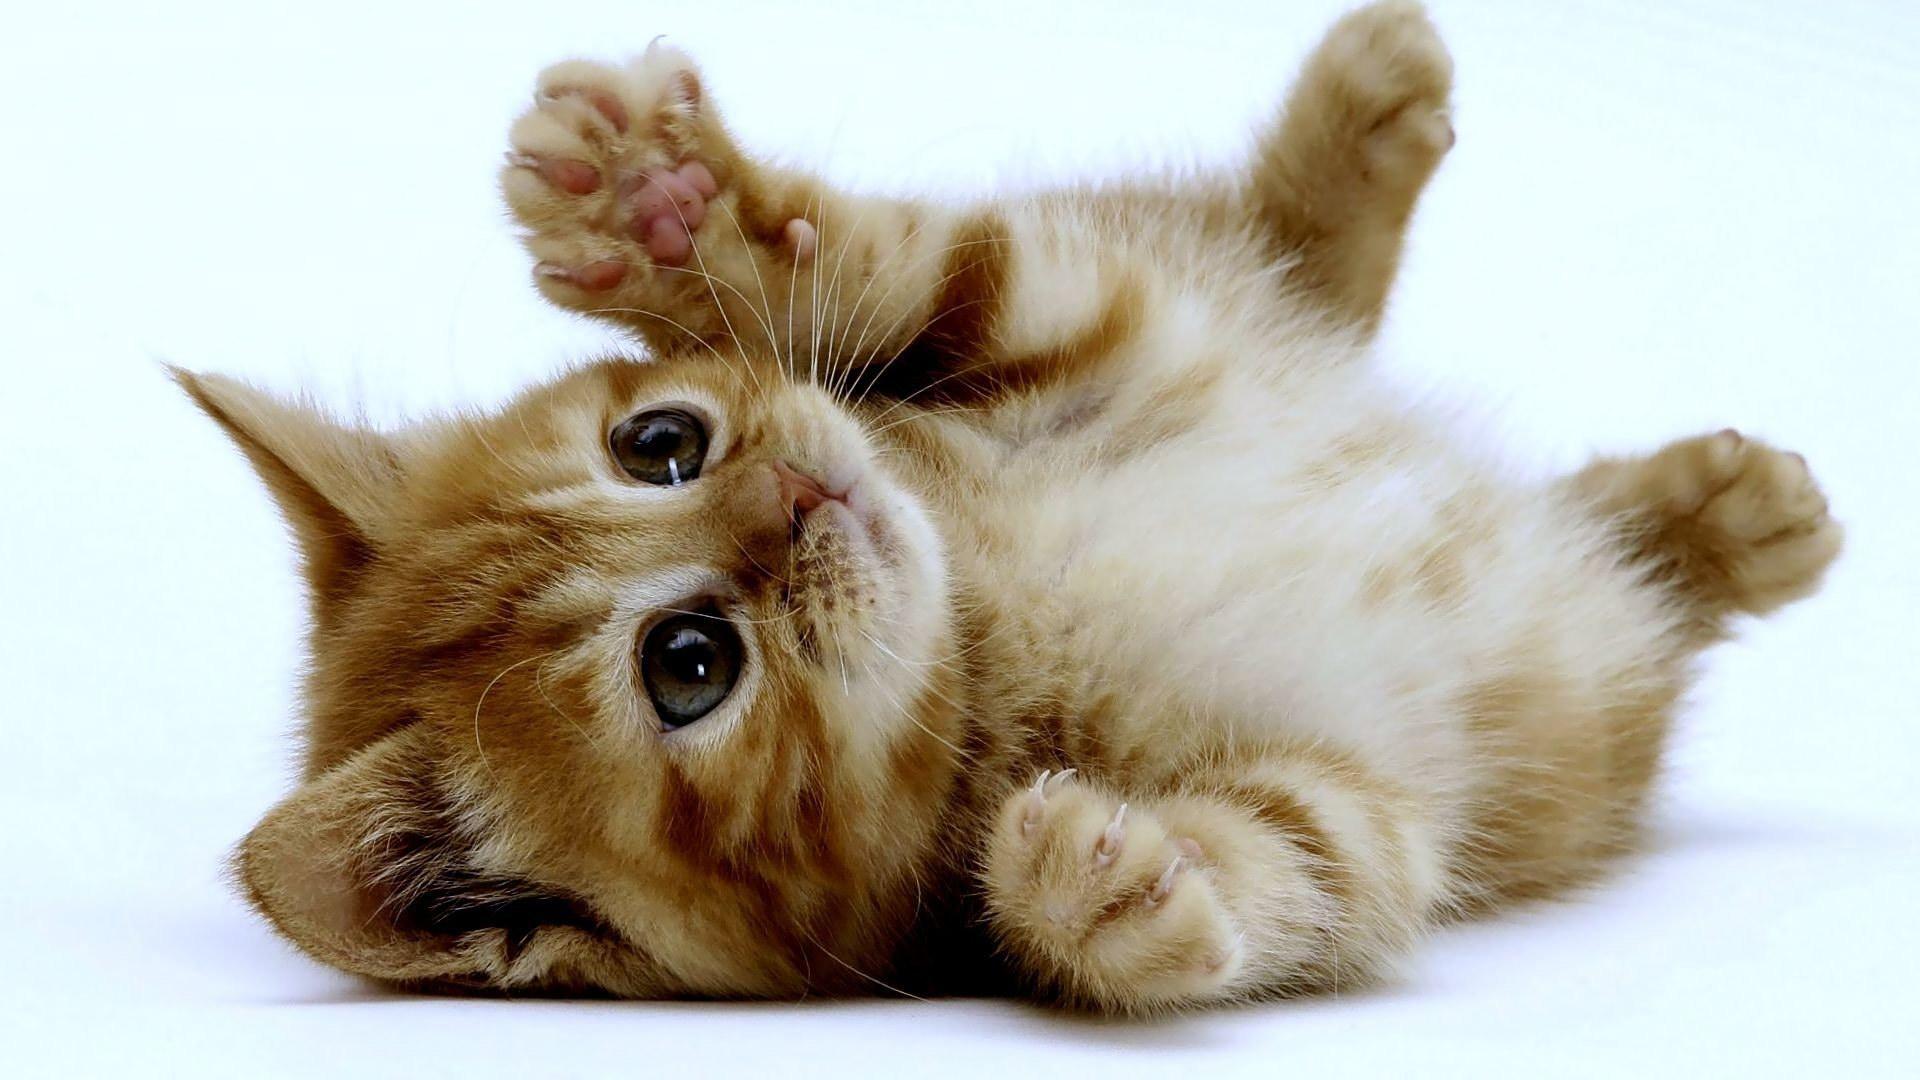 Amato Come si educa un cucciolo di gatto - Notizie.it WA39